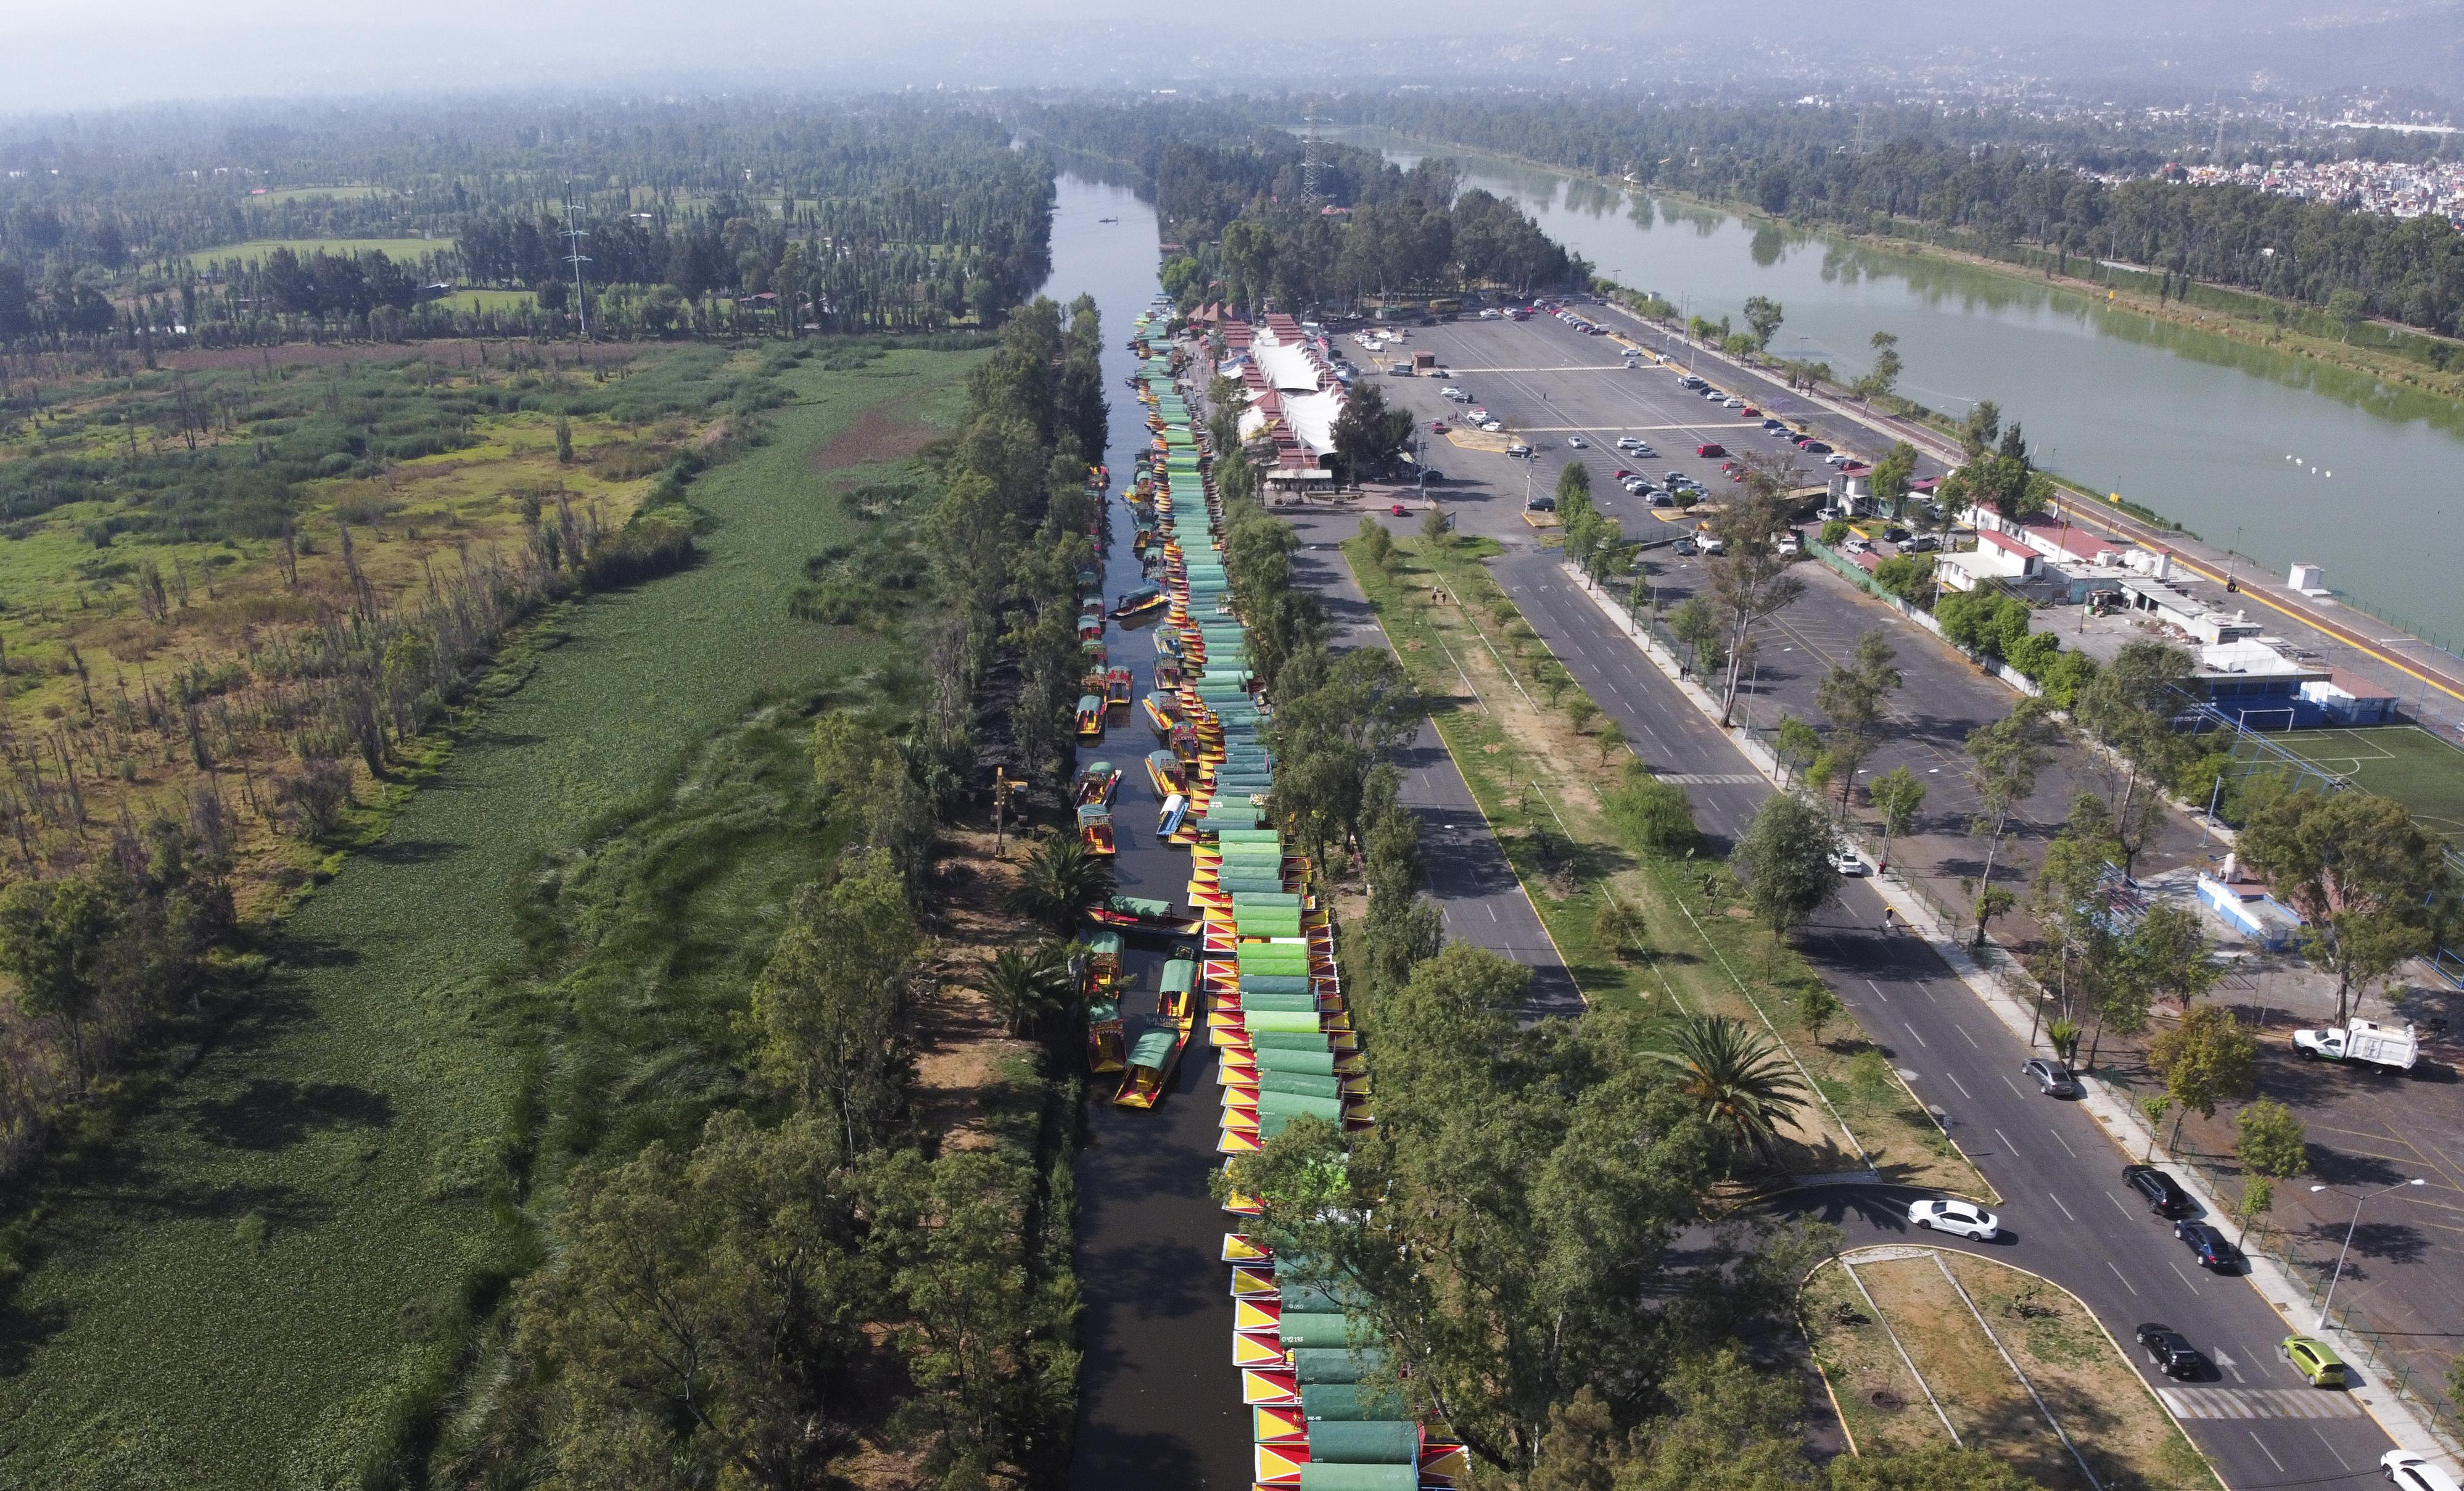 Una línea de trajineras, los botes de madera pintados populares entre los turistas que navegan por los canales en el distrito de Xochimilco de la Ciudad de México, esperan a los visitantes el domingo 22 de marzo de 2020.